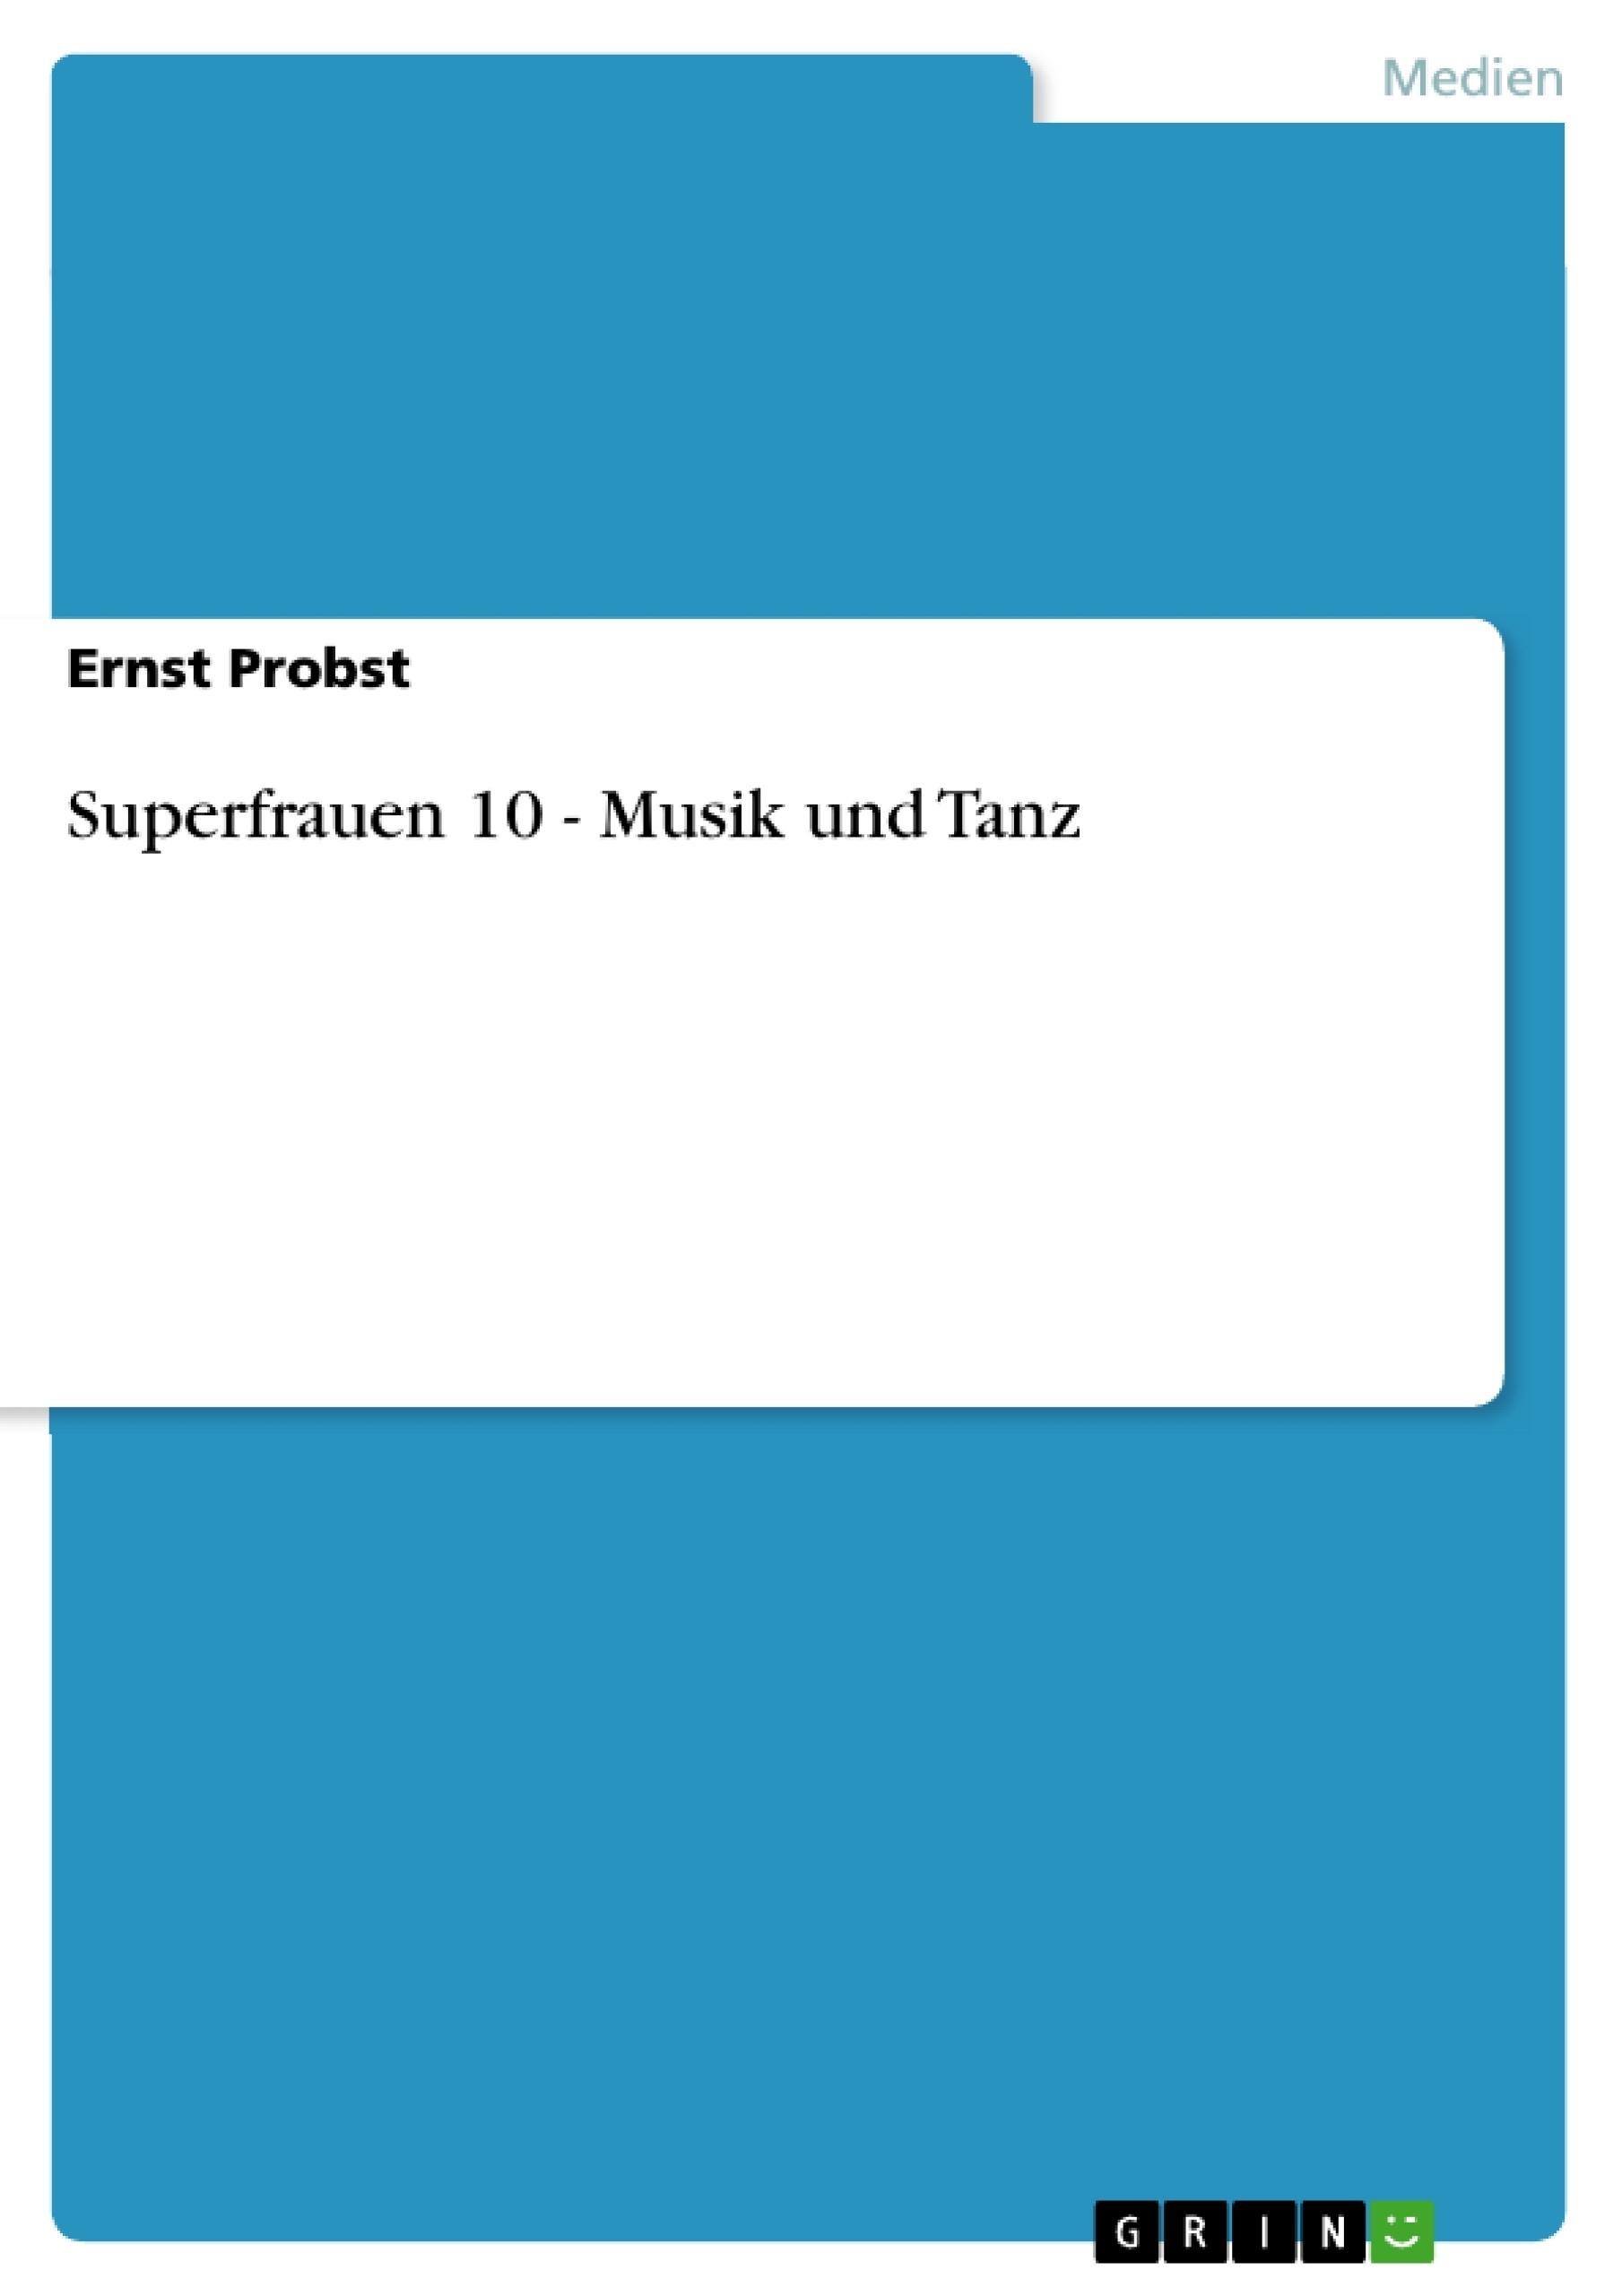 Titel: Superfrauen 10 - Musik und Tanz